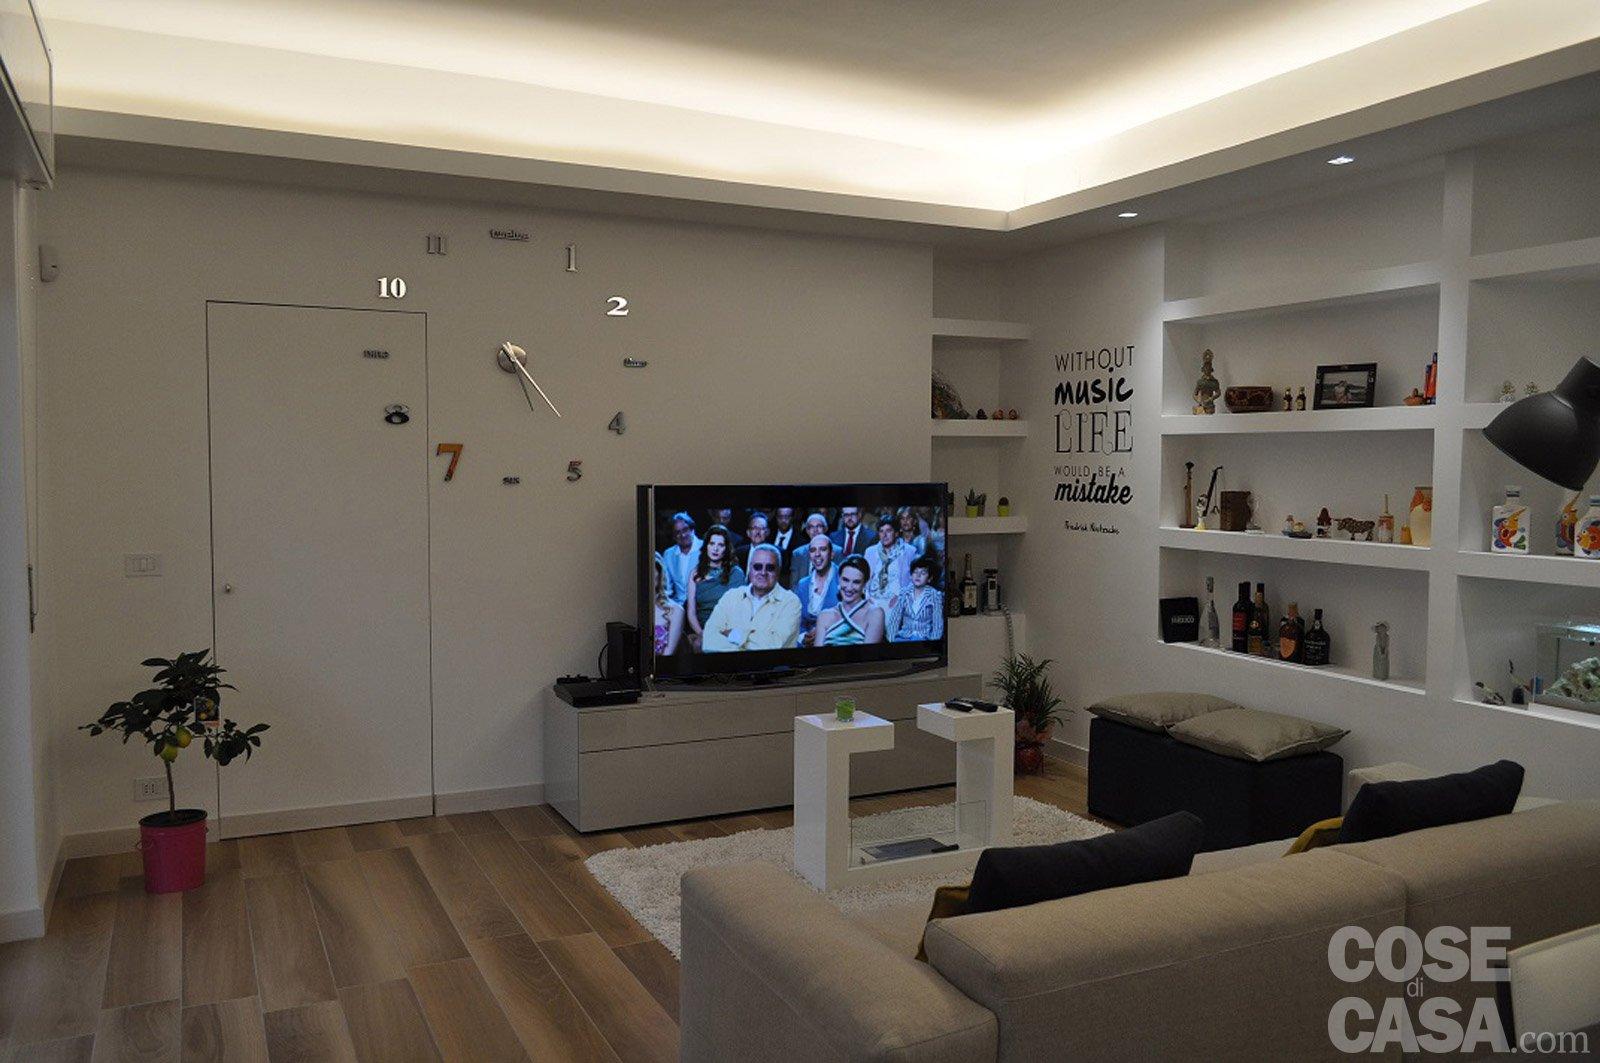 90 mq una casa da vivere in relax cose di casa for Immagini di soggiorni